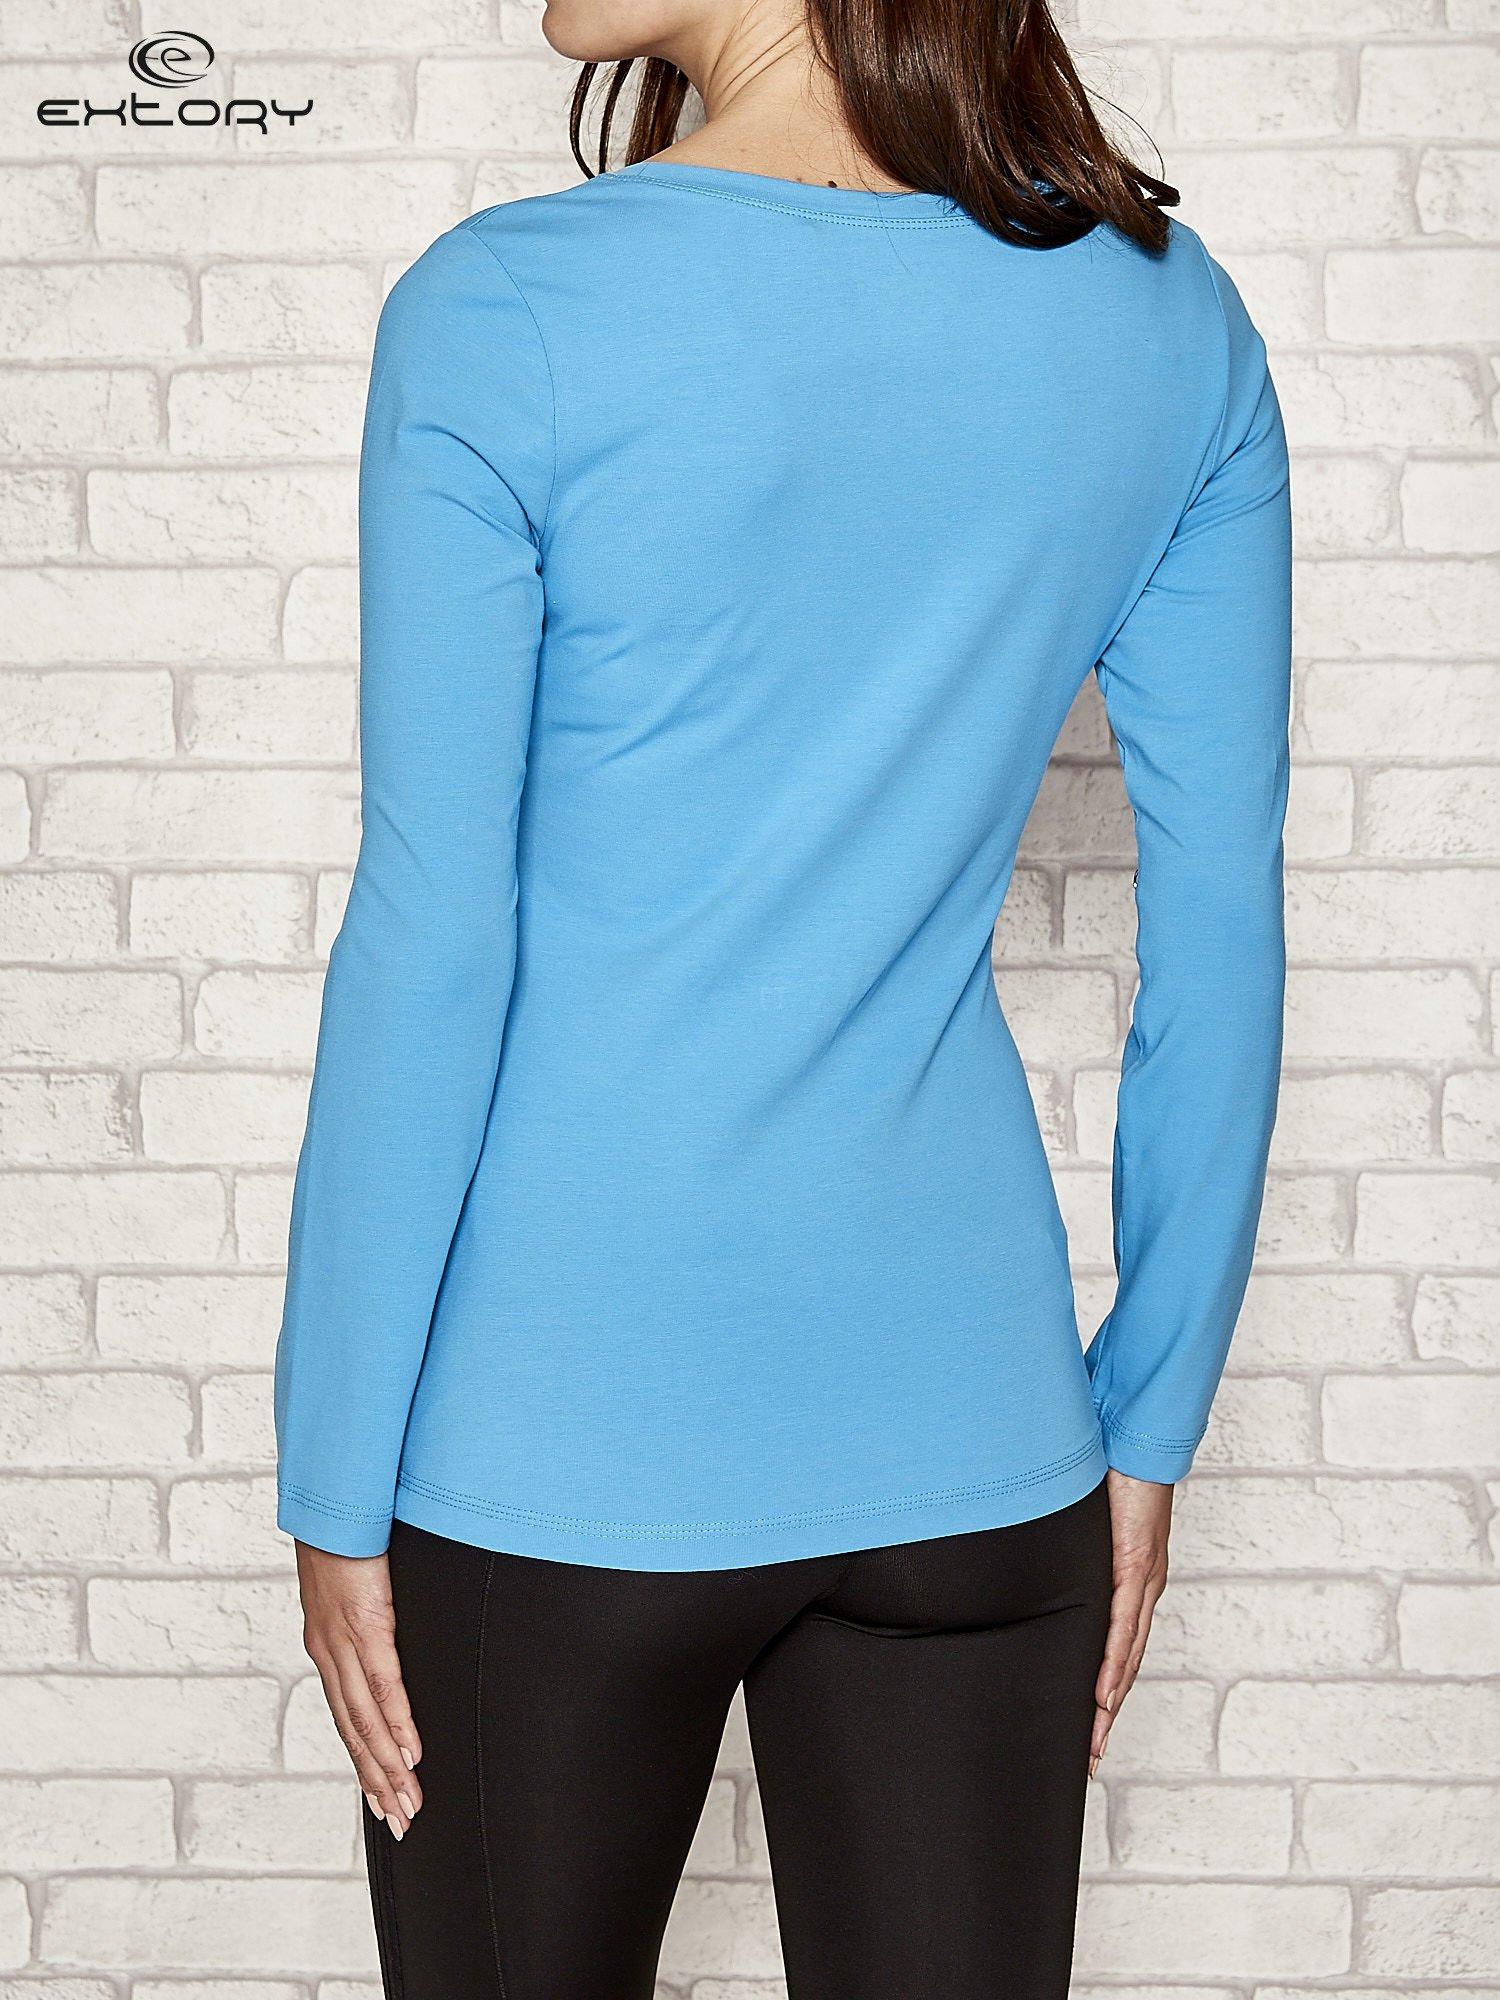 Niebieska gładka bluzka sportowa z dekoltem U PLUS SIZE                                  zdj.                                  3